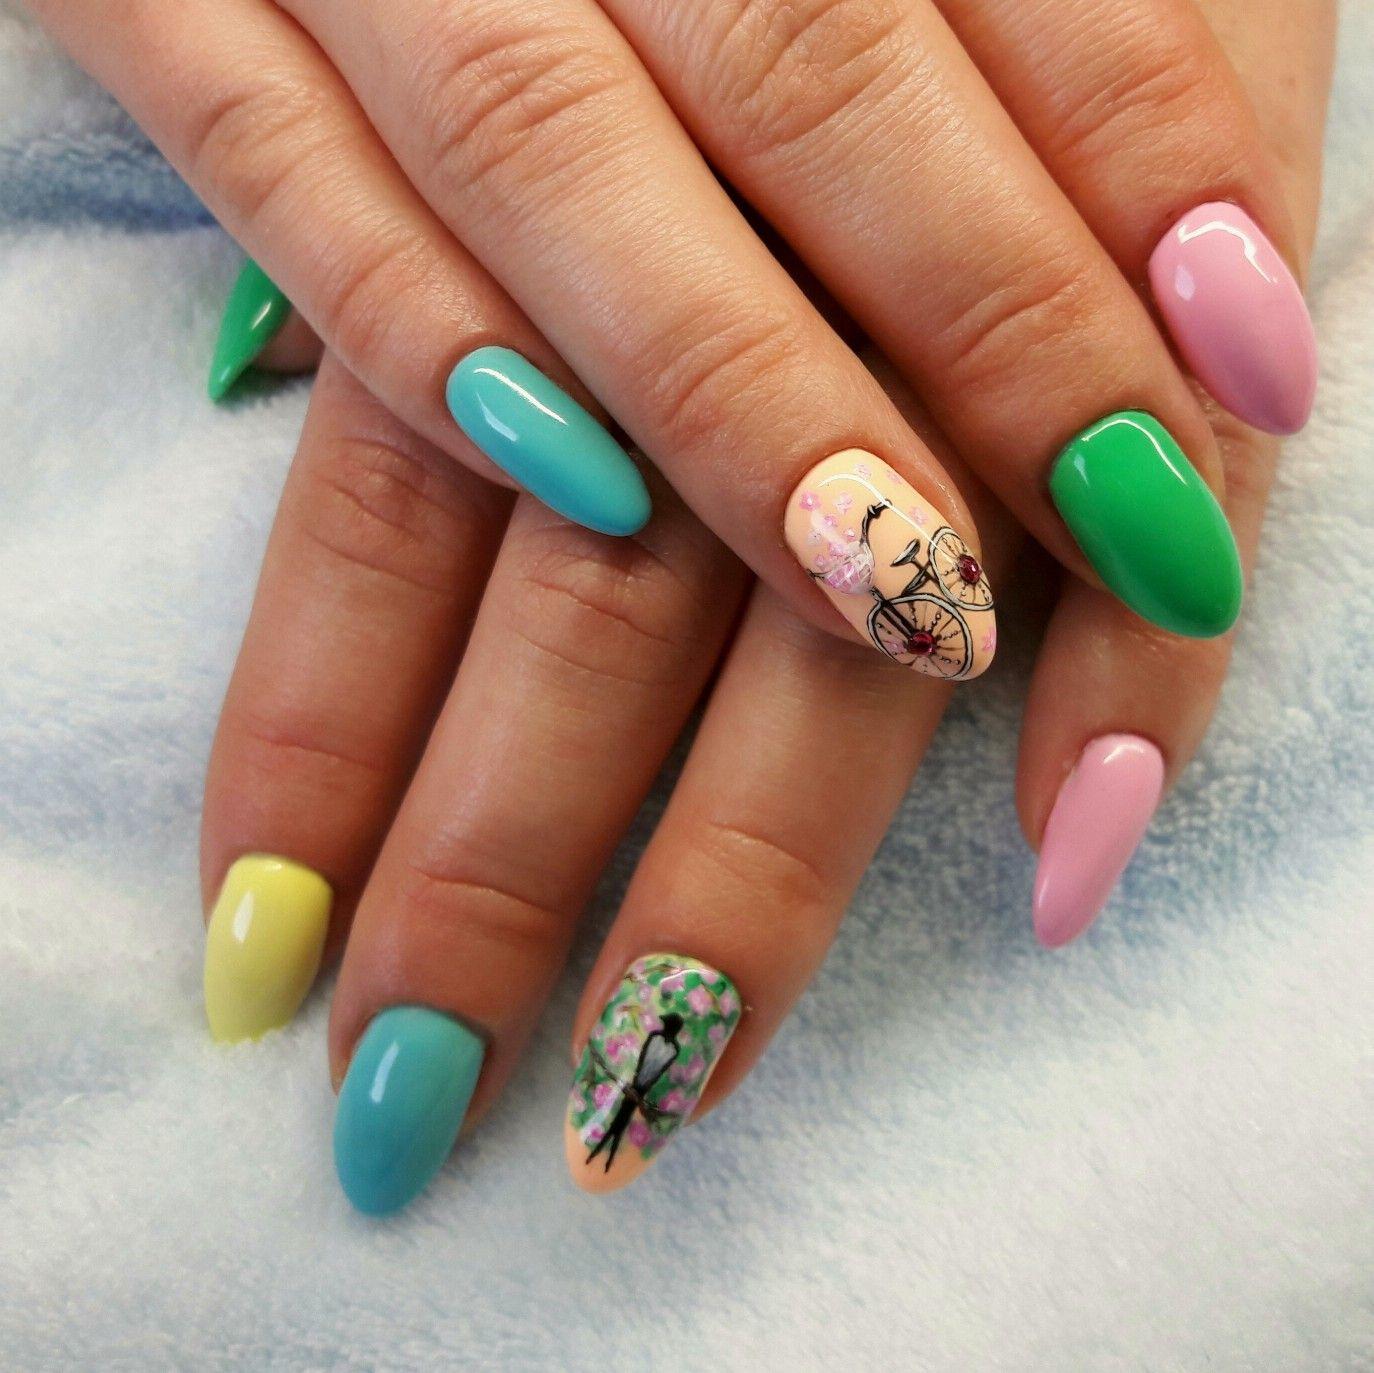 Pin by Vanessa Mendoza on Uñas lindas   Nails, Nail art